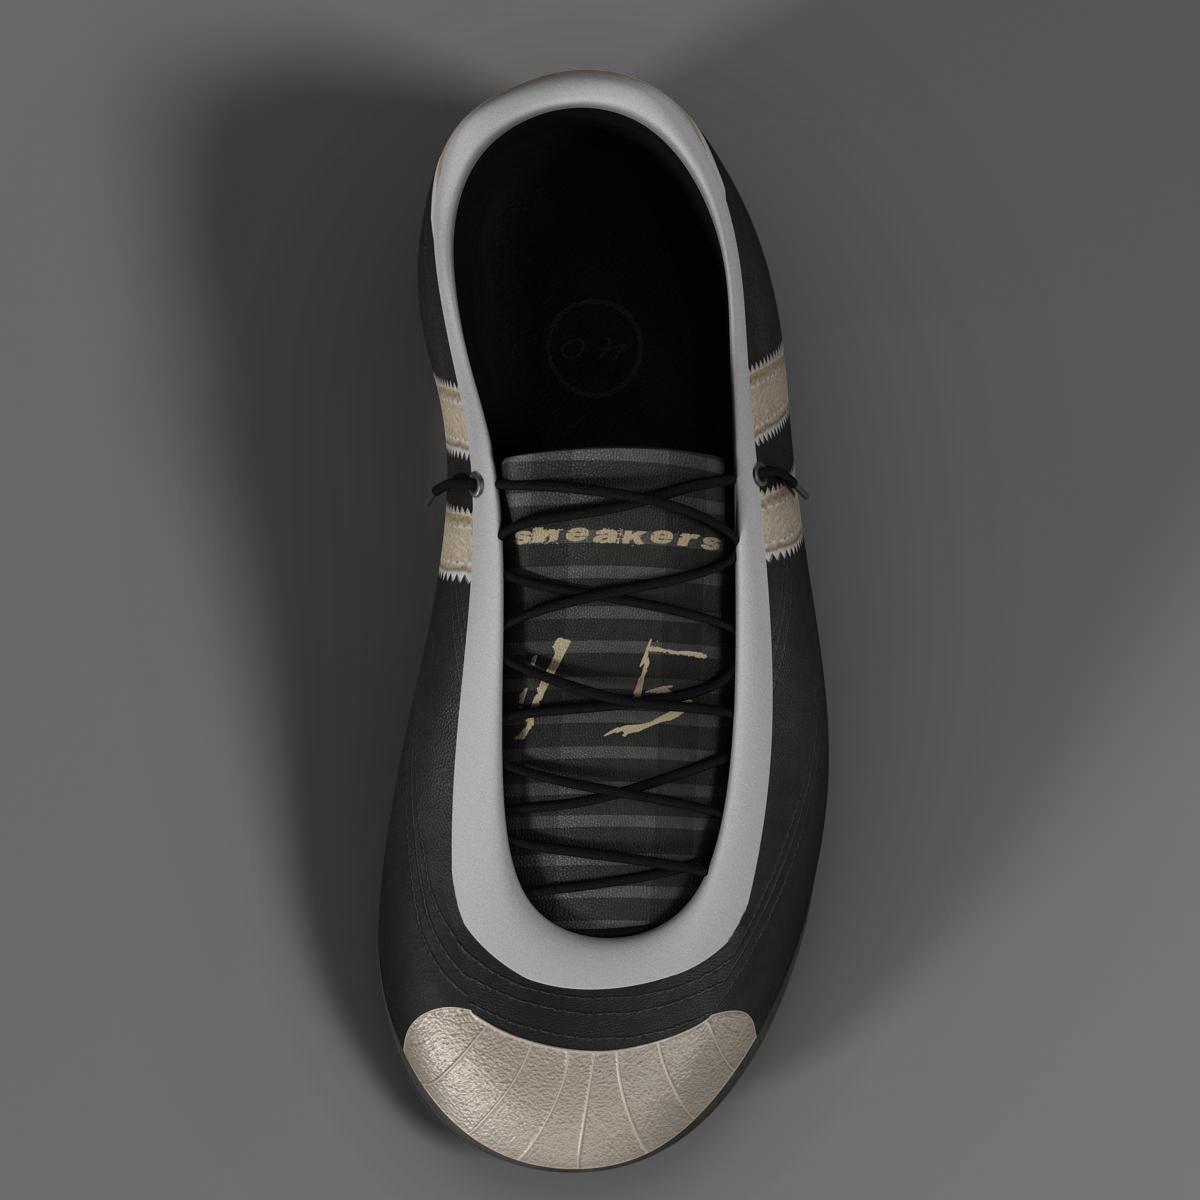 sneakers 3d model 3ds max fbx c4d ma mb obj 160386